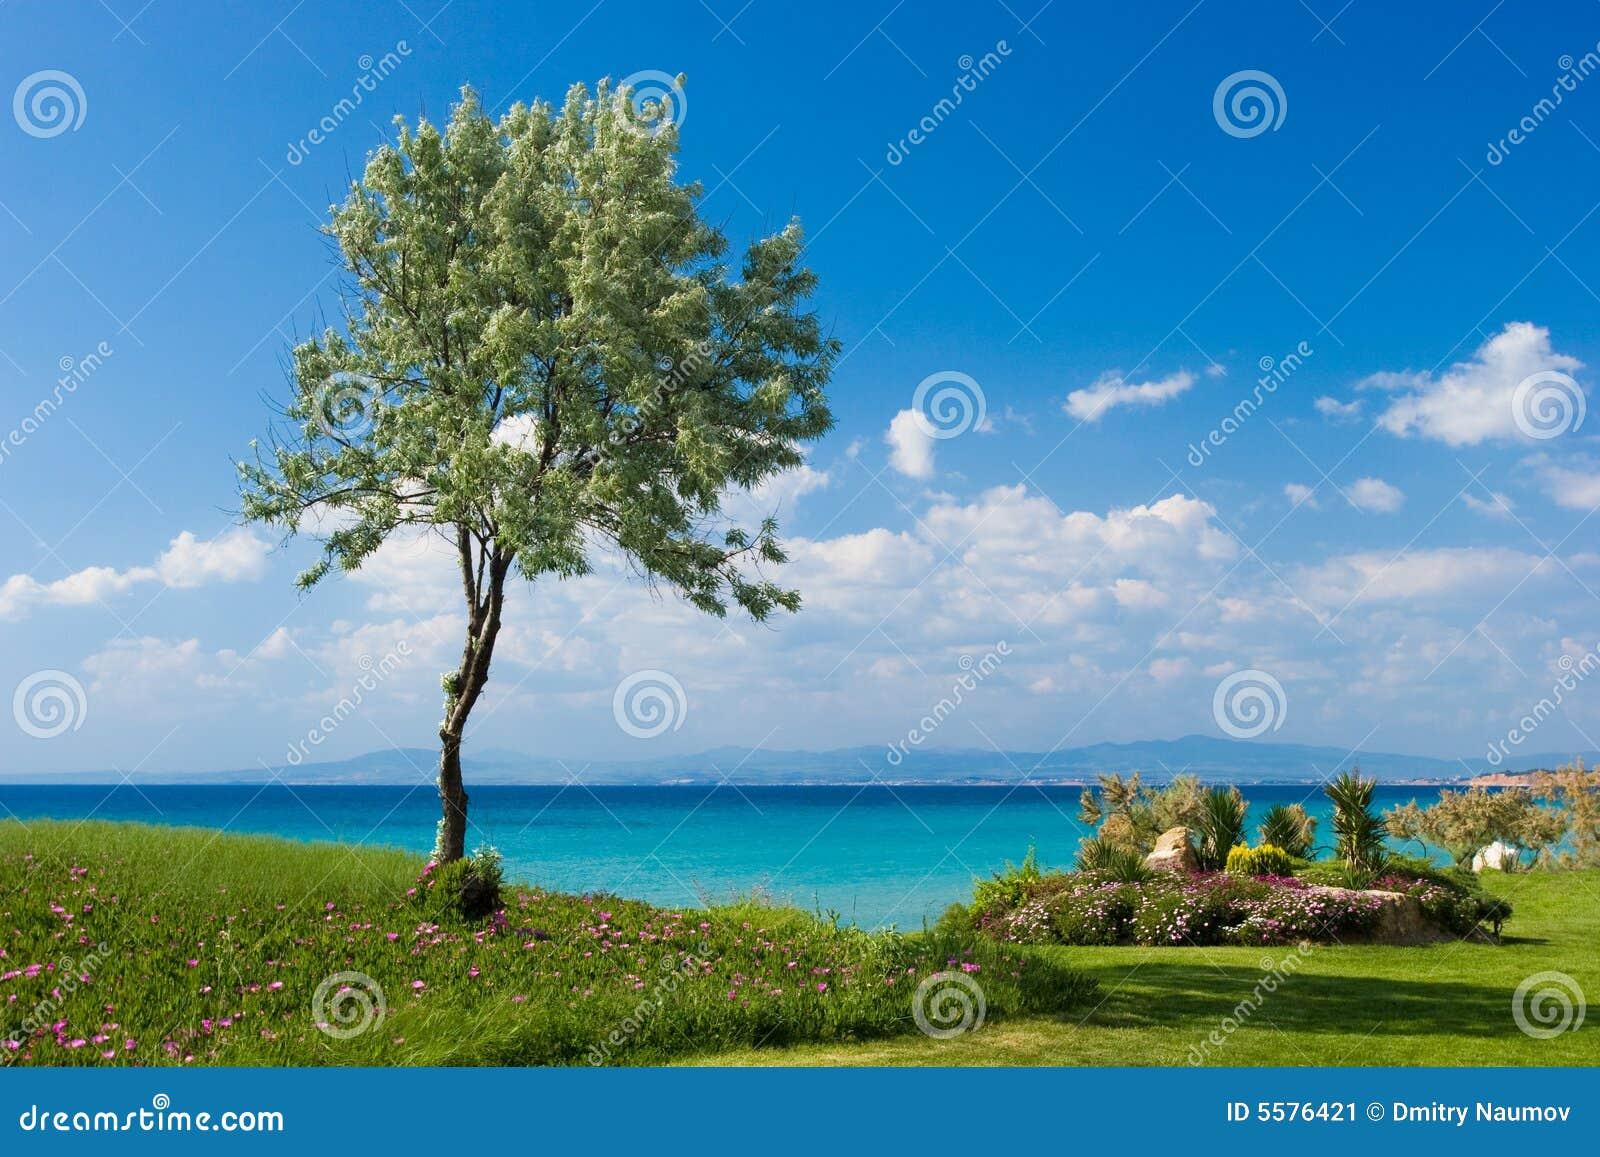 olivier au bord de la mer grec image stock image du compartiment t 5576421. Black Bedroom Furniture Sets. Home Design Ideas